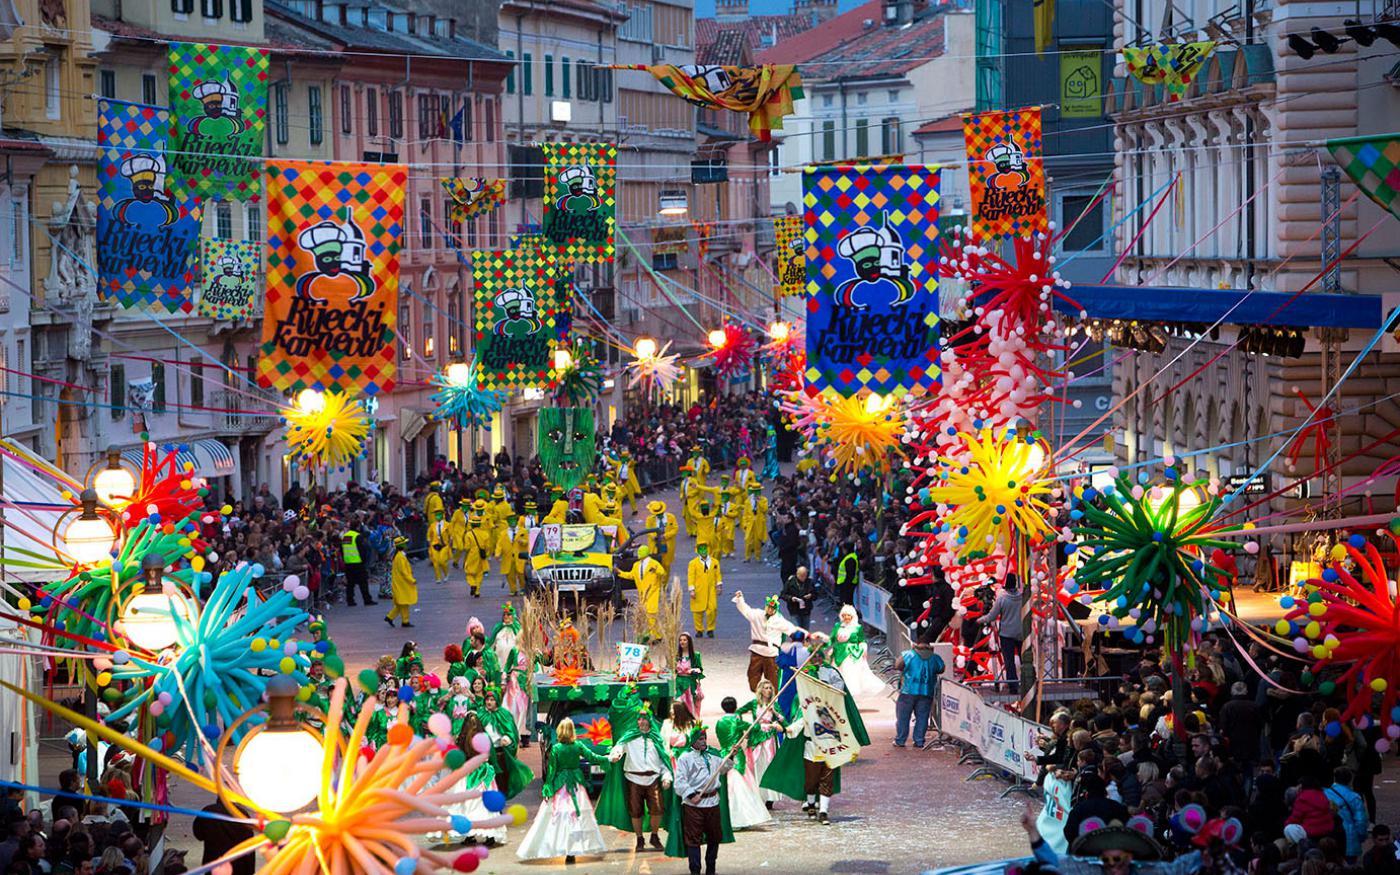 Rijeka wordt Europese Culturele hoofdstad in 2020